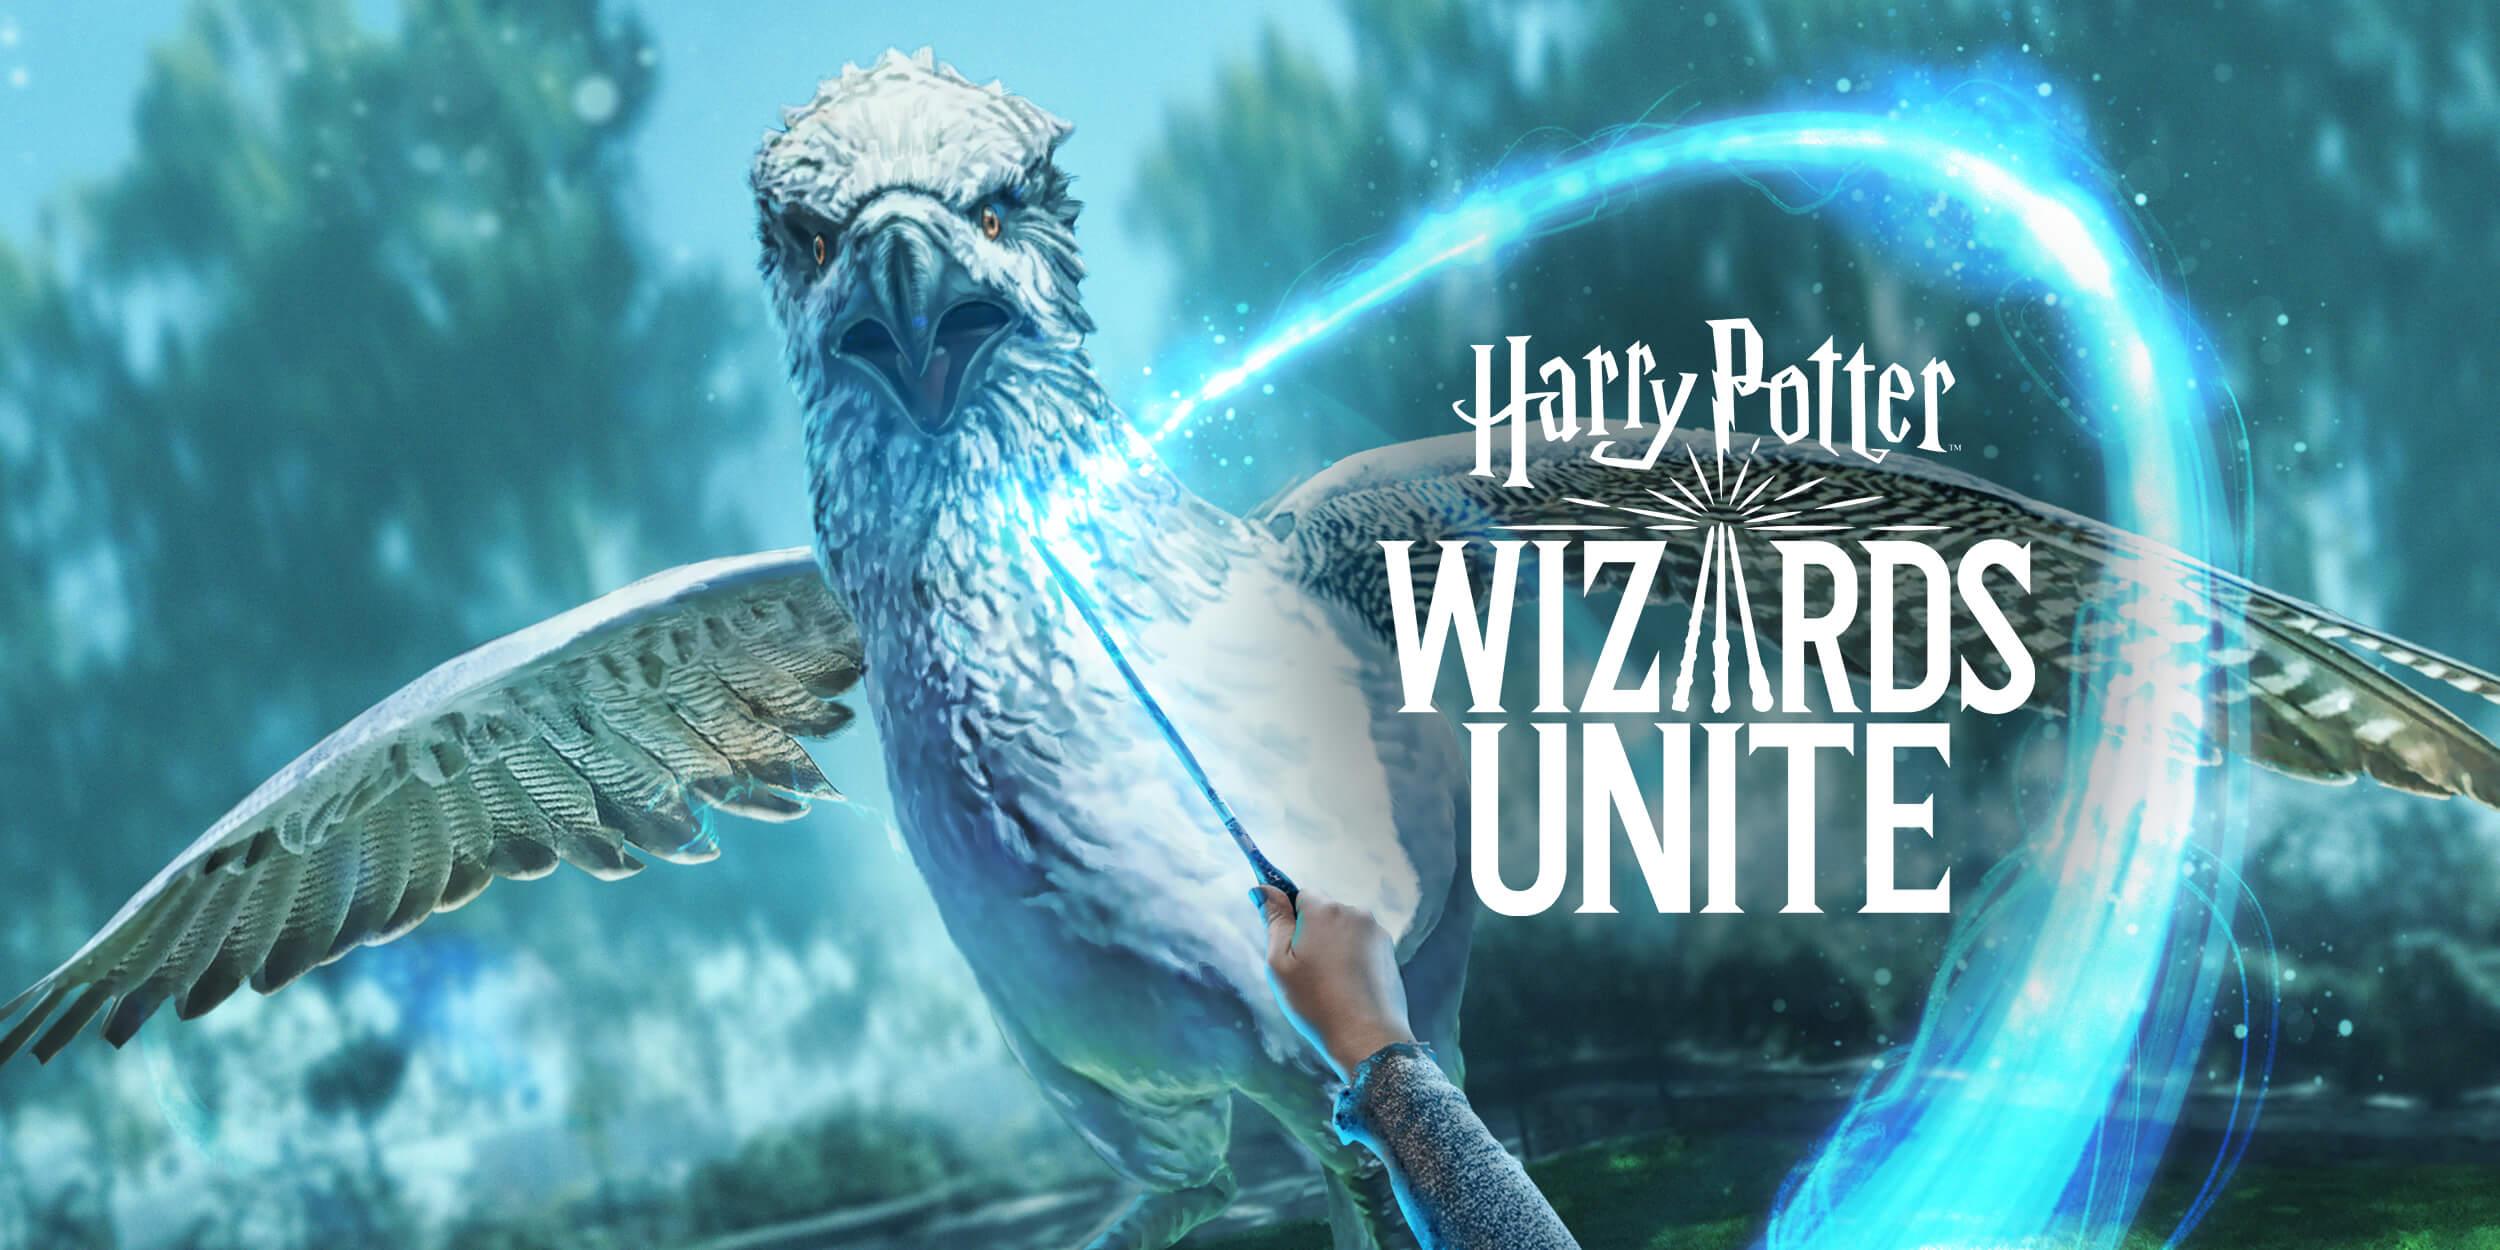 إطلاق لعبة Harry Potter: Wizards Unite خليقة بوكيمون جو يوم الجمعة القادم